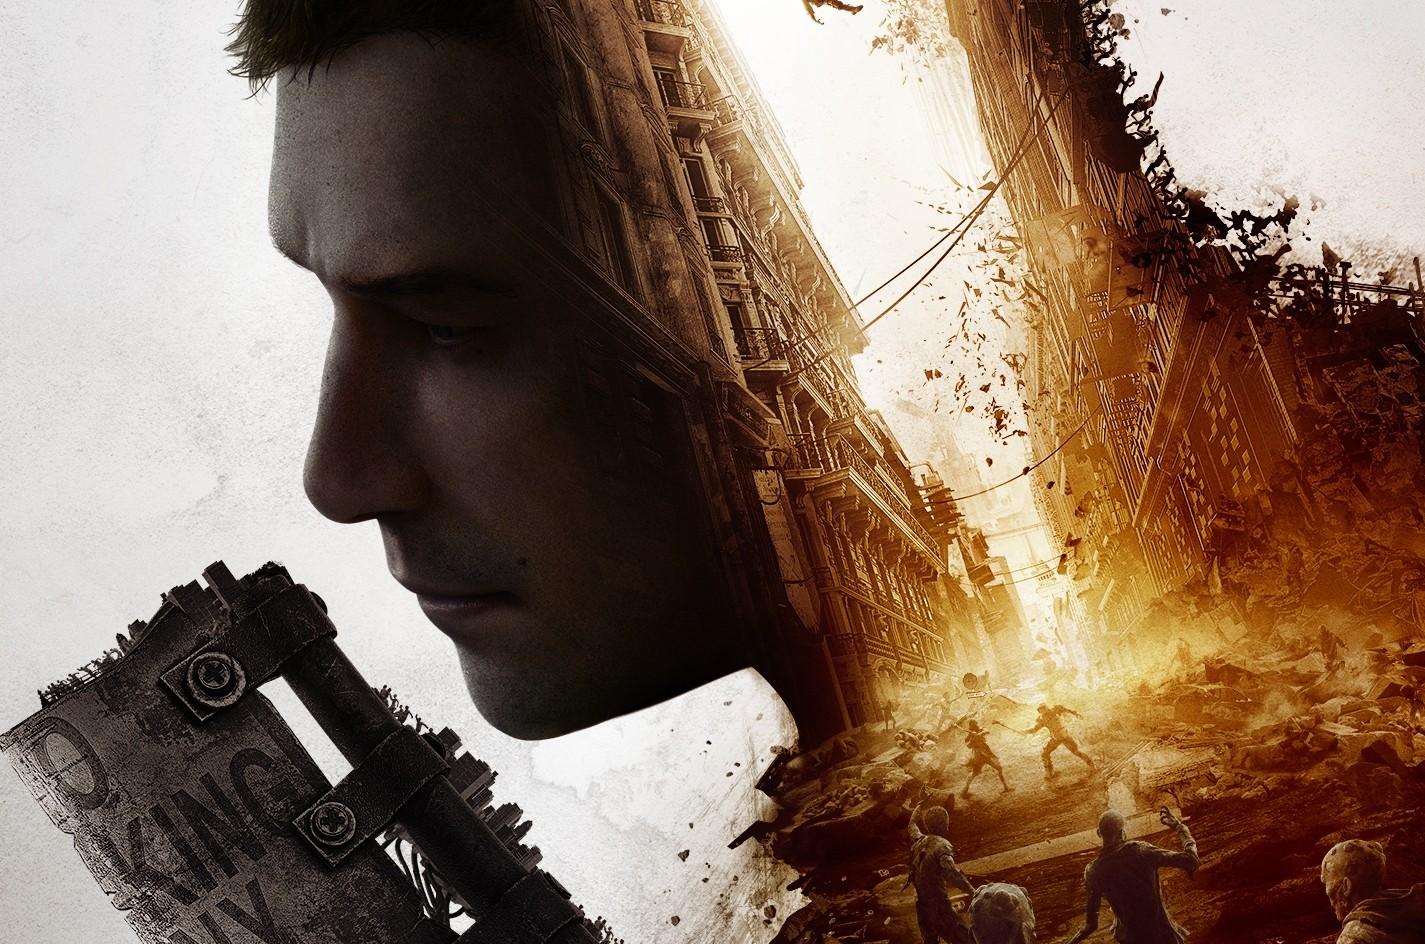 แฉ! ที่ Dying Light 2 ไม่เสร็จสักที เป็นเพราะผู้บริหาร ไม่ฟังความเห็นของผู้พัฒนา